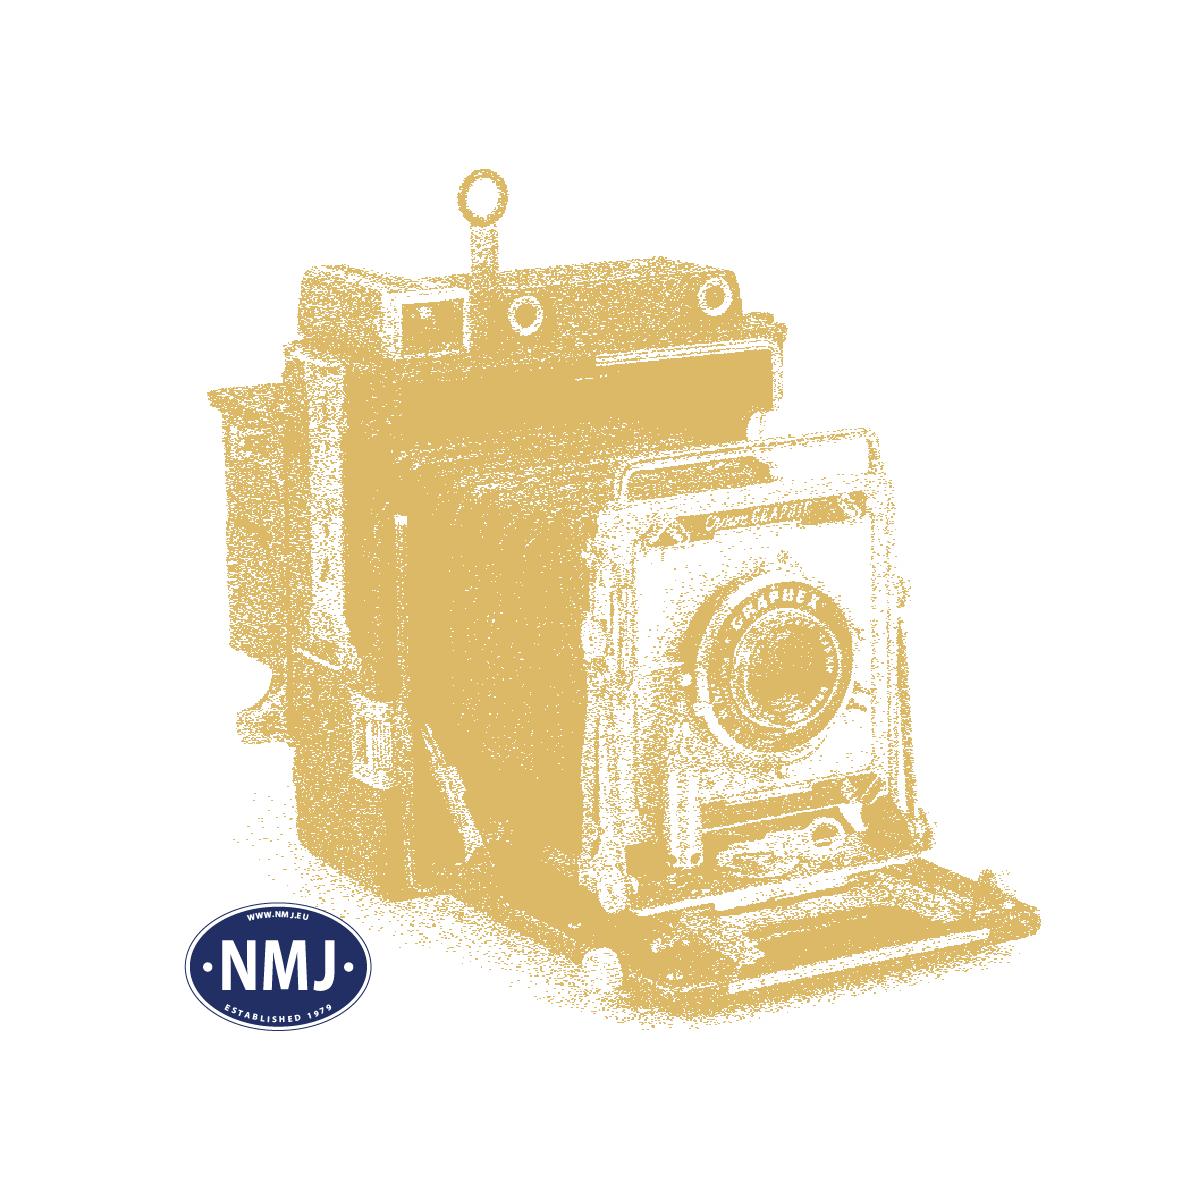 NMJT9925 - Gule Ploger, Bremseslanger for El11